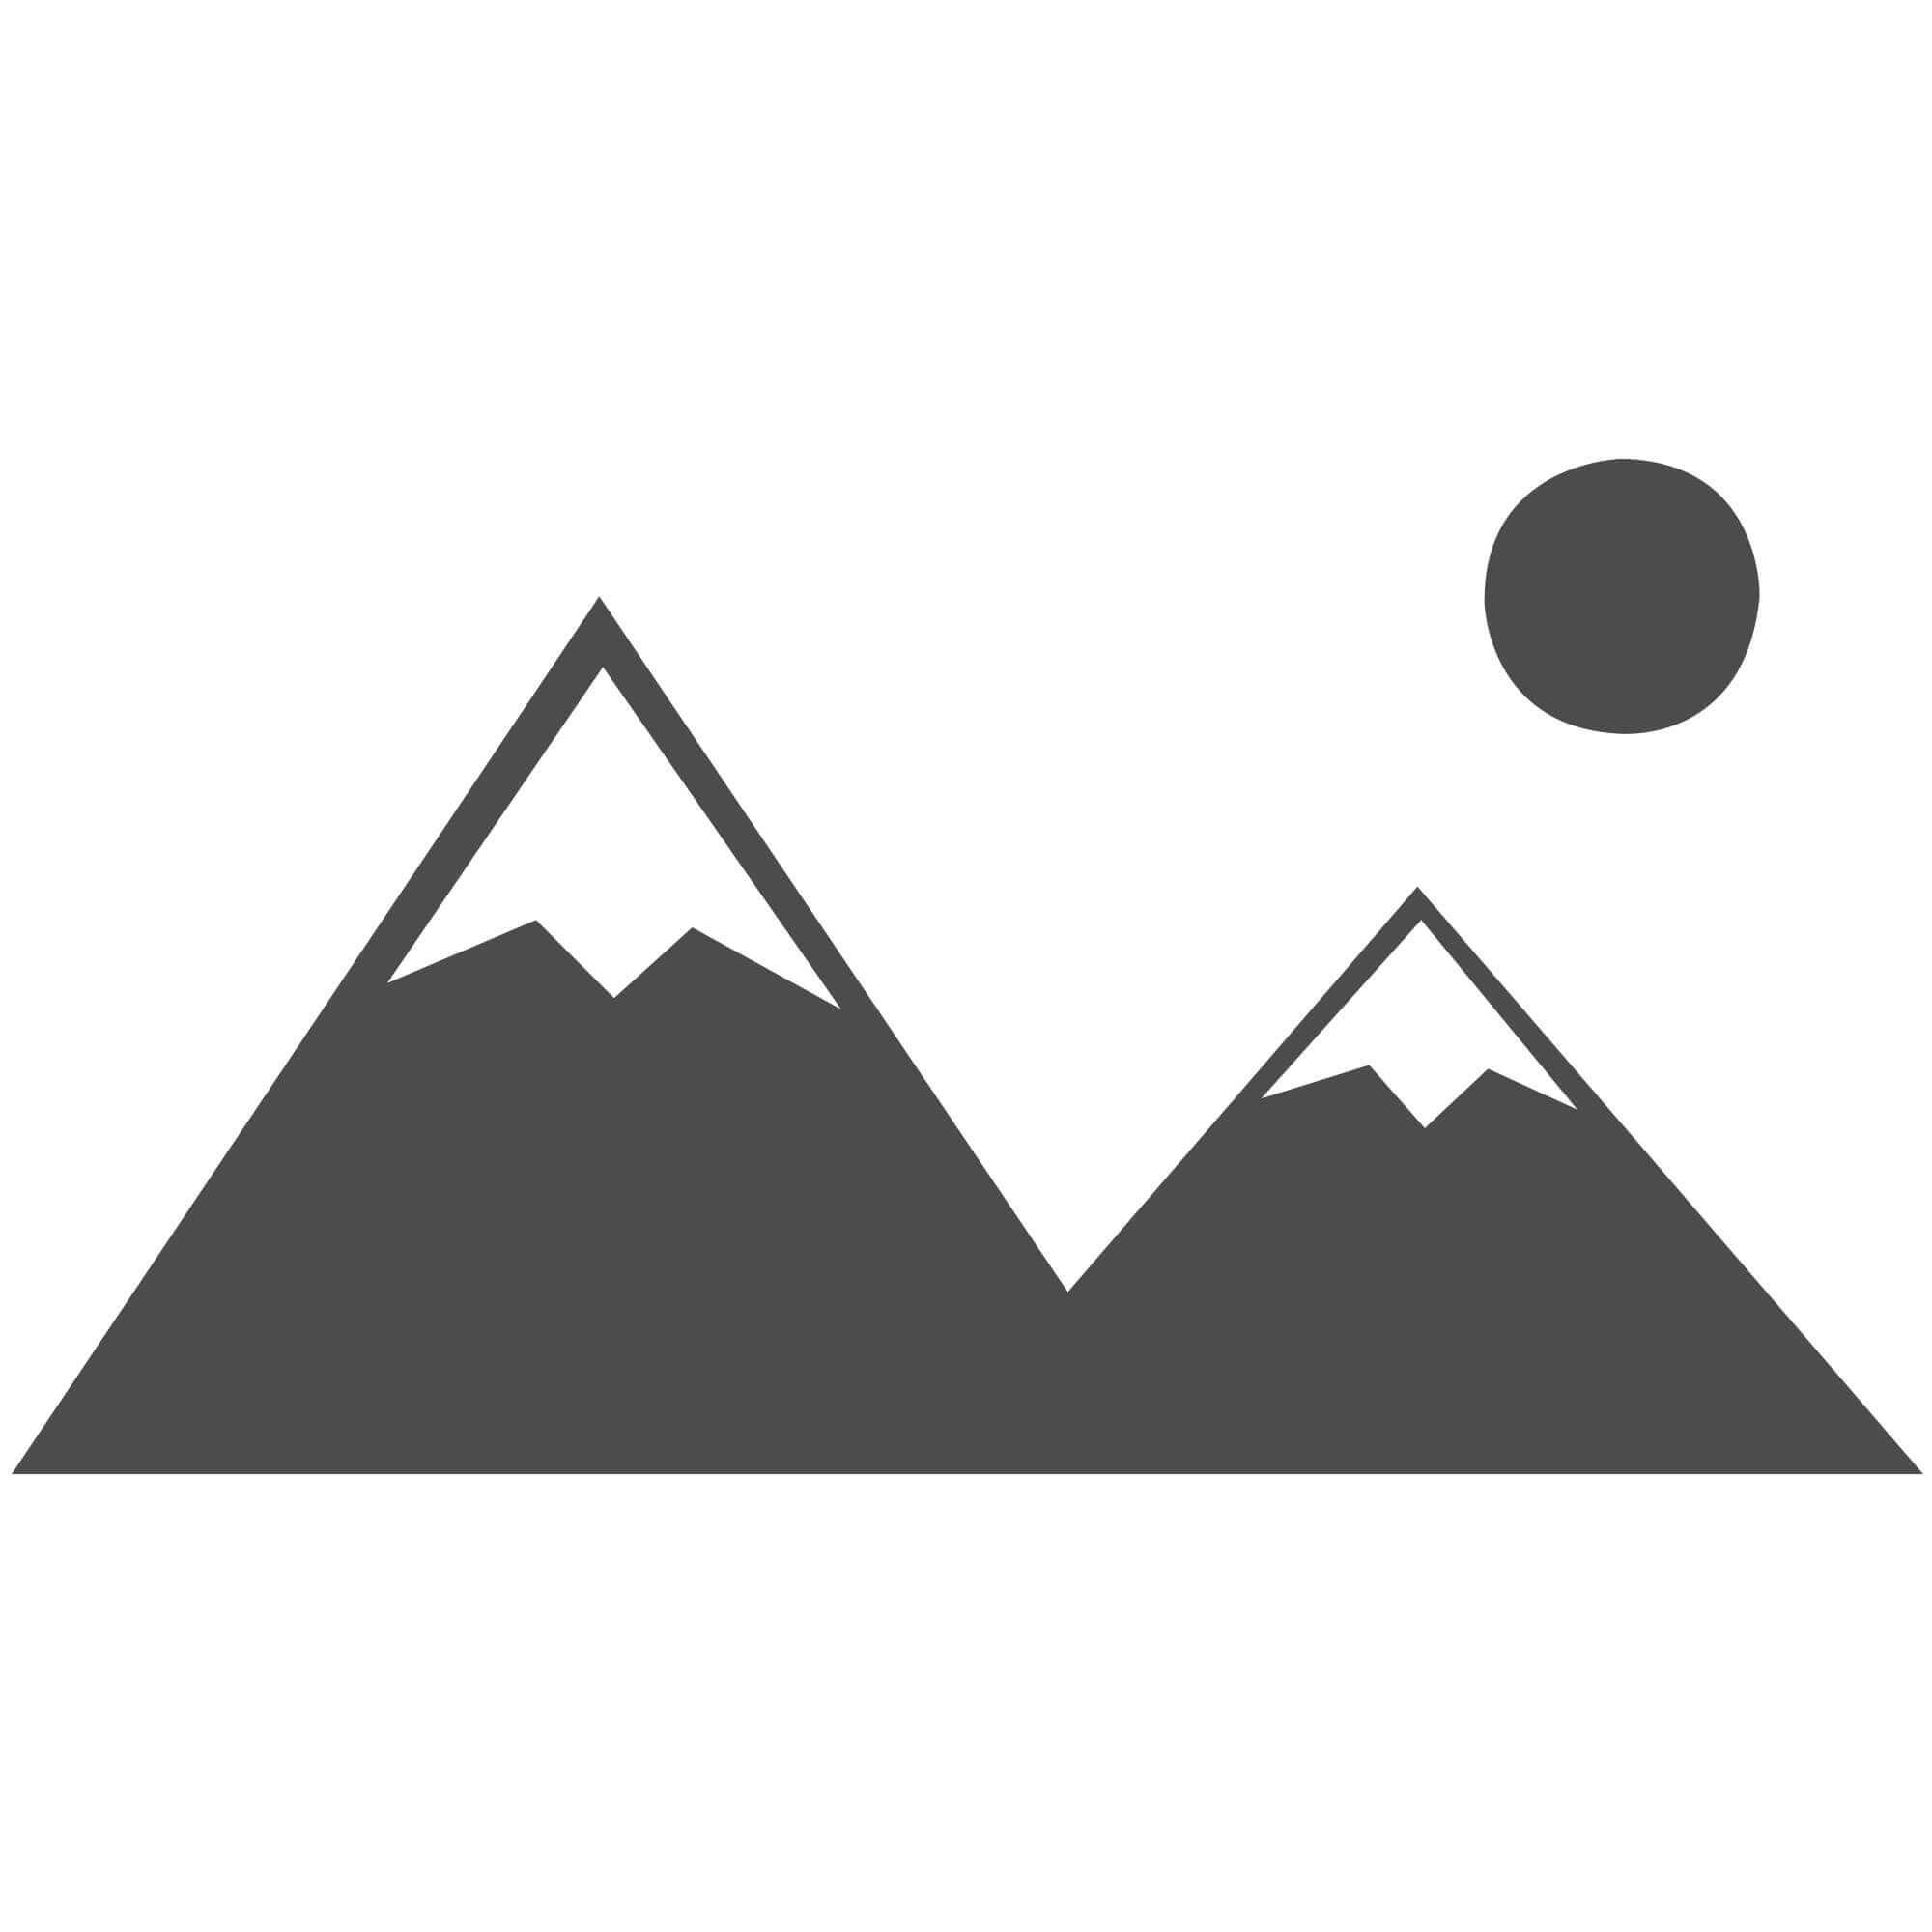 Pimlico Striped Rug - Green